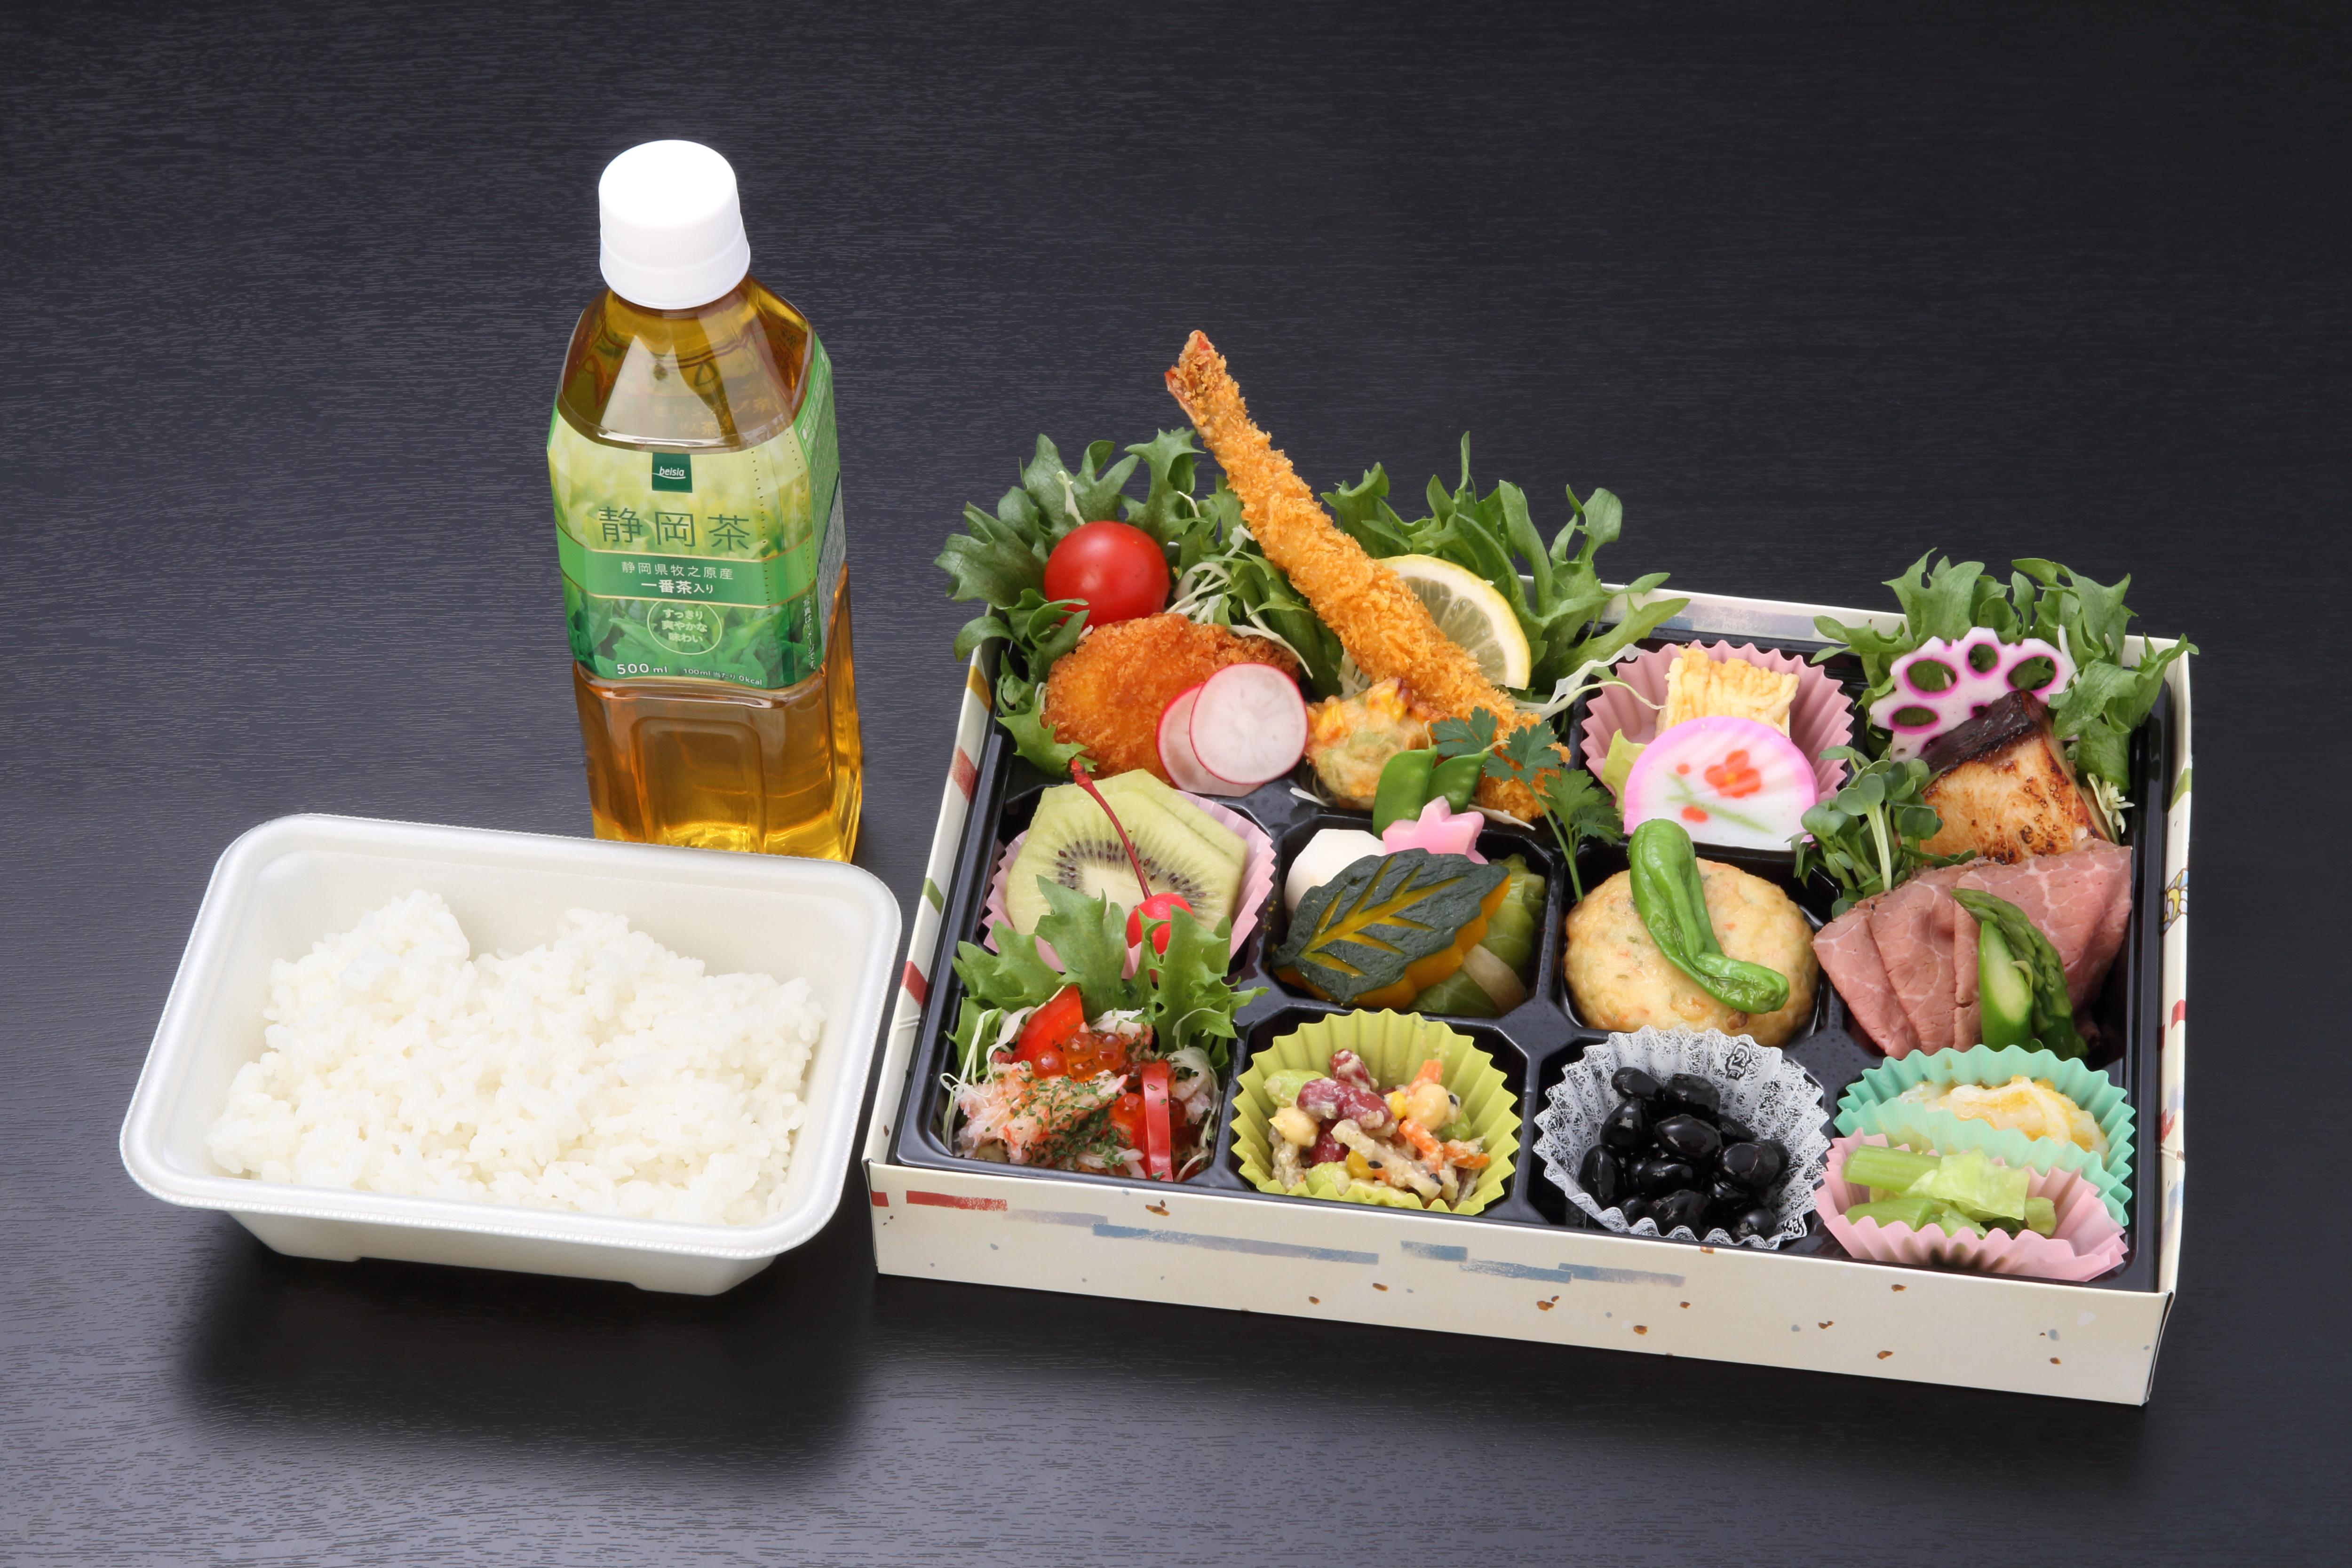 みらい弁当 絆(きずな)【A123】(ペットボトルお茶500ml.1本付)